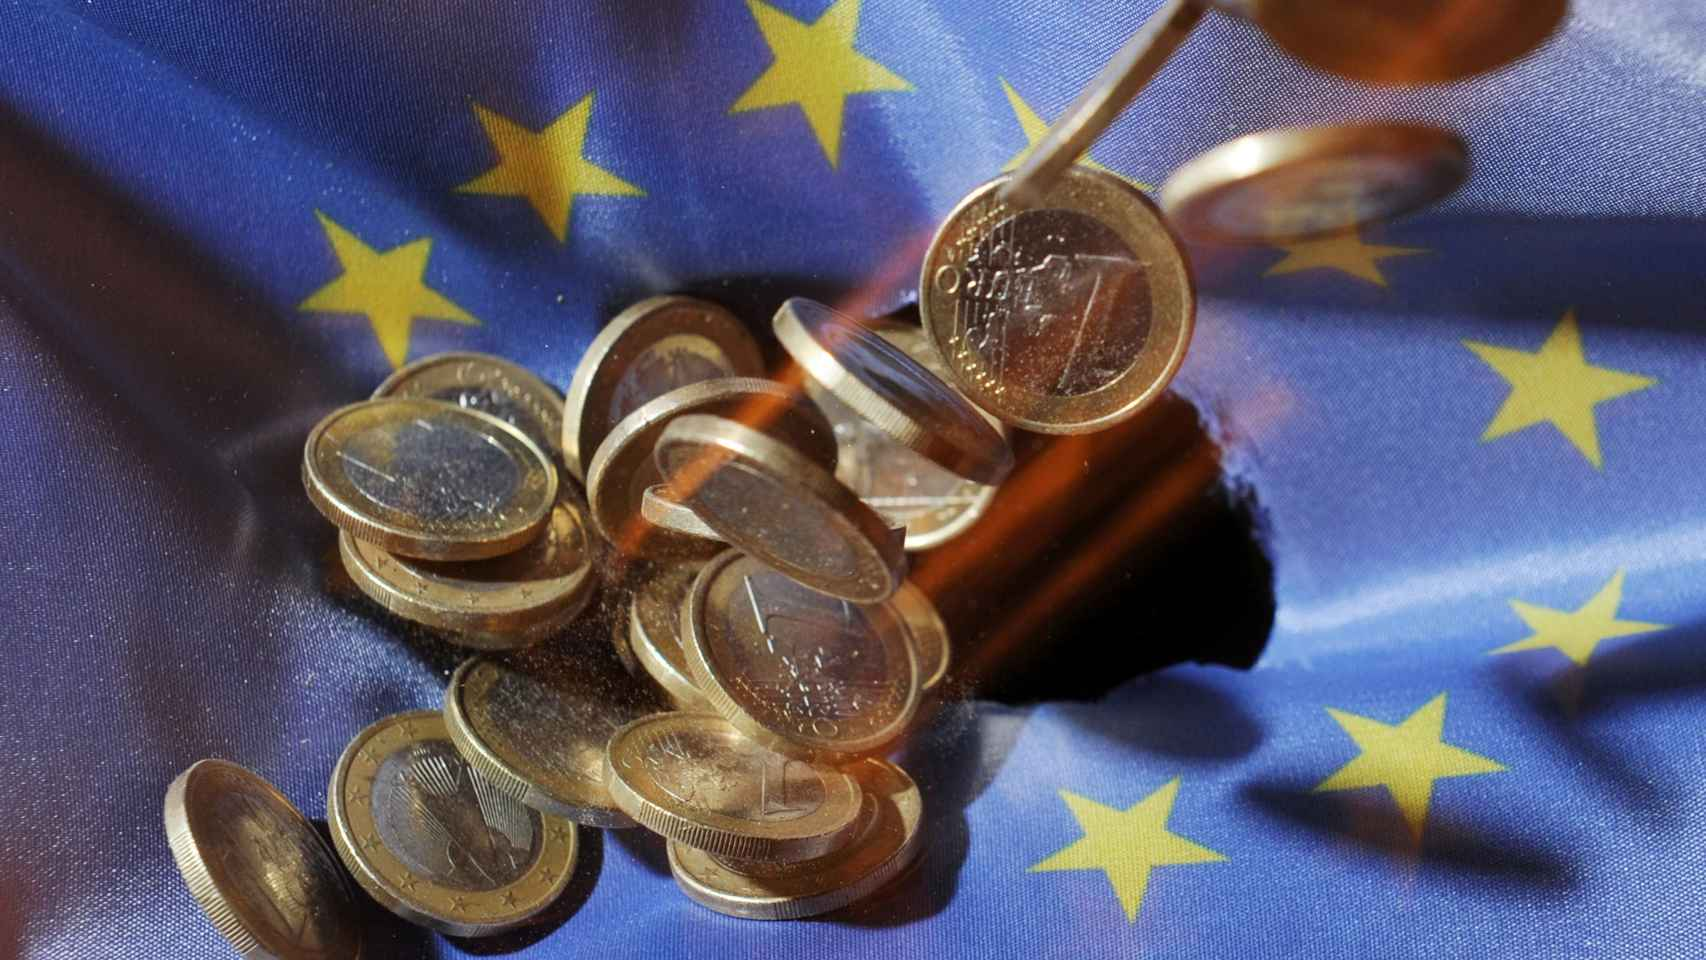 Varias monedas de euro sobre una bandera de la Unión Europea.